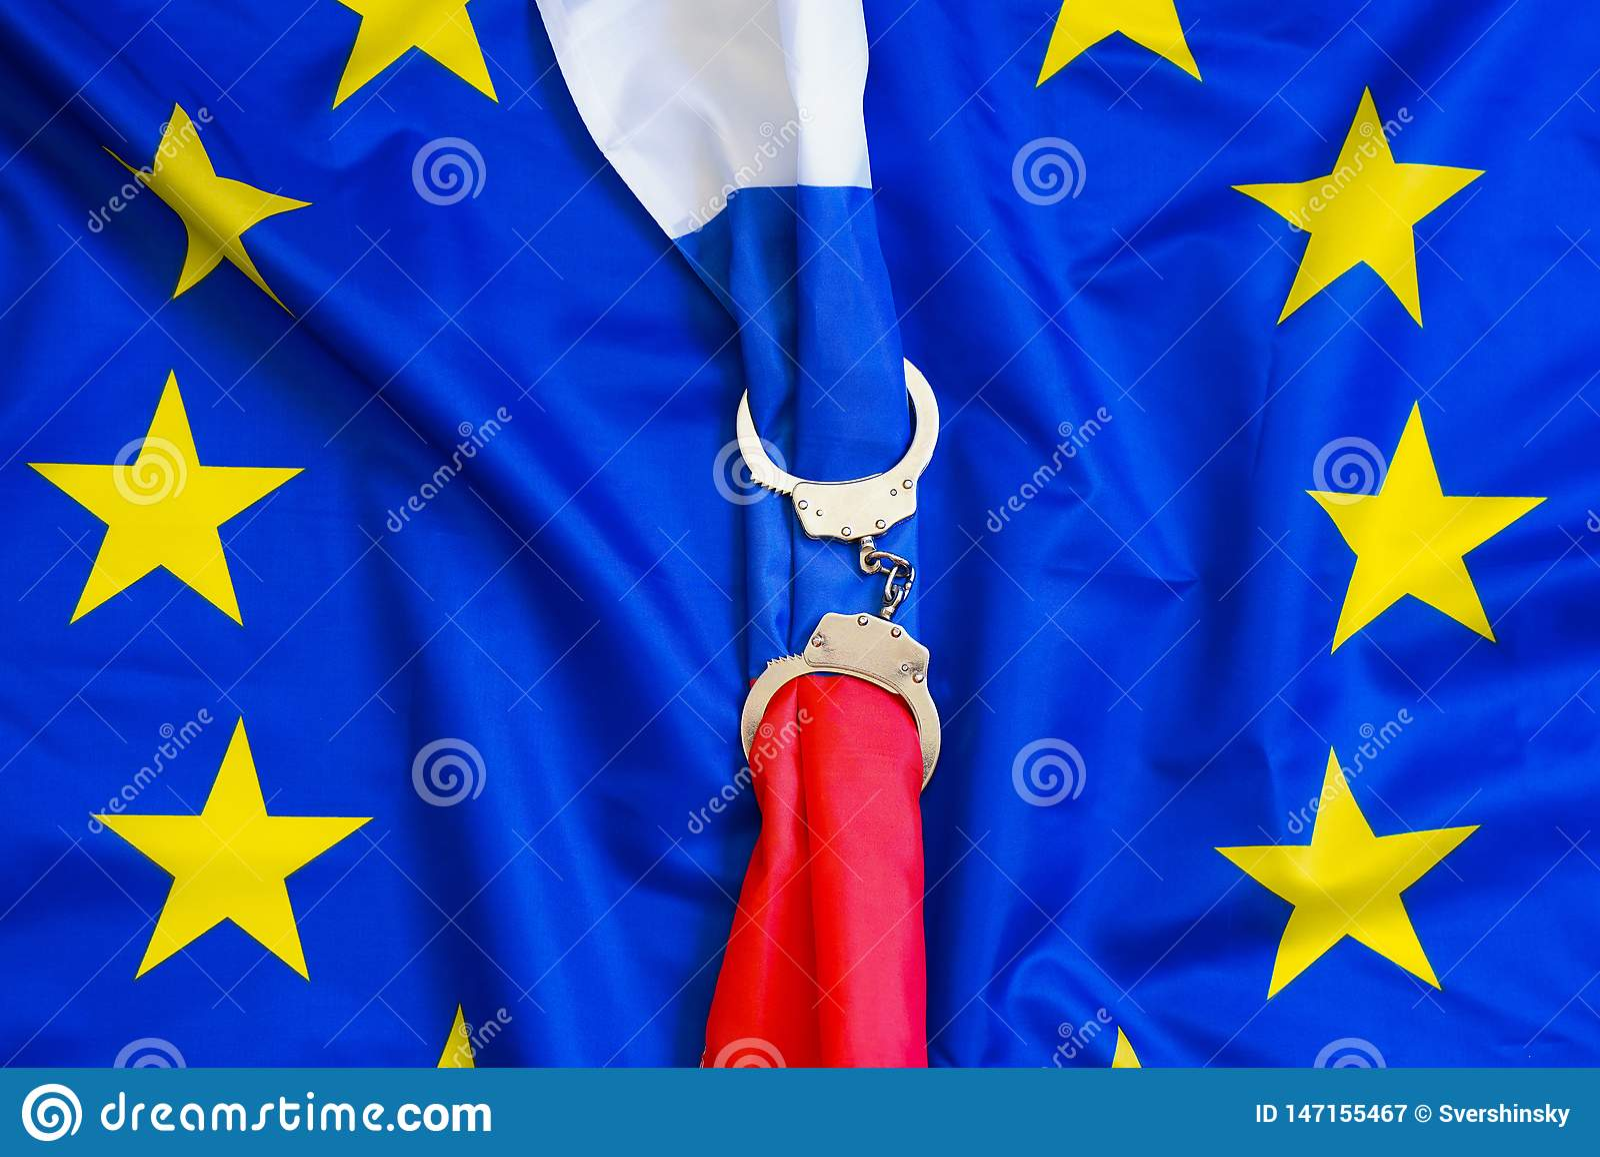 Ευρωπαϊκή Ένωση Η έννοια των κυρώσεων για τη Ρωσία